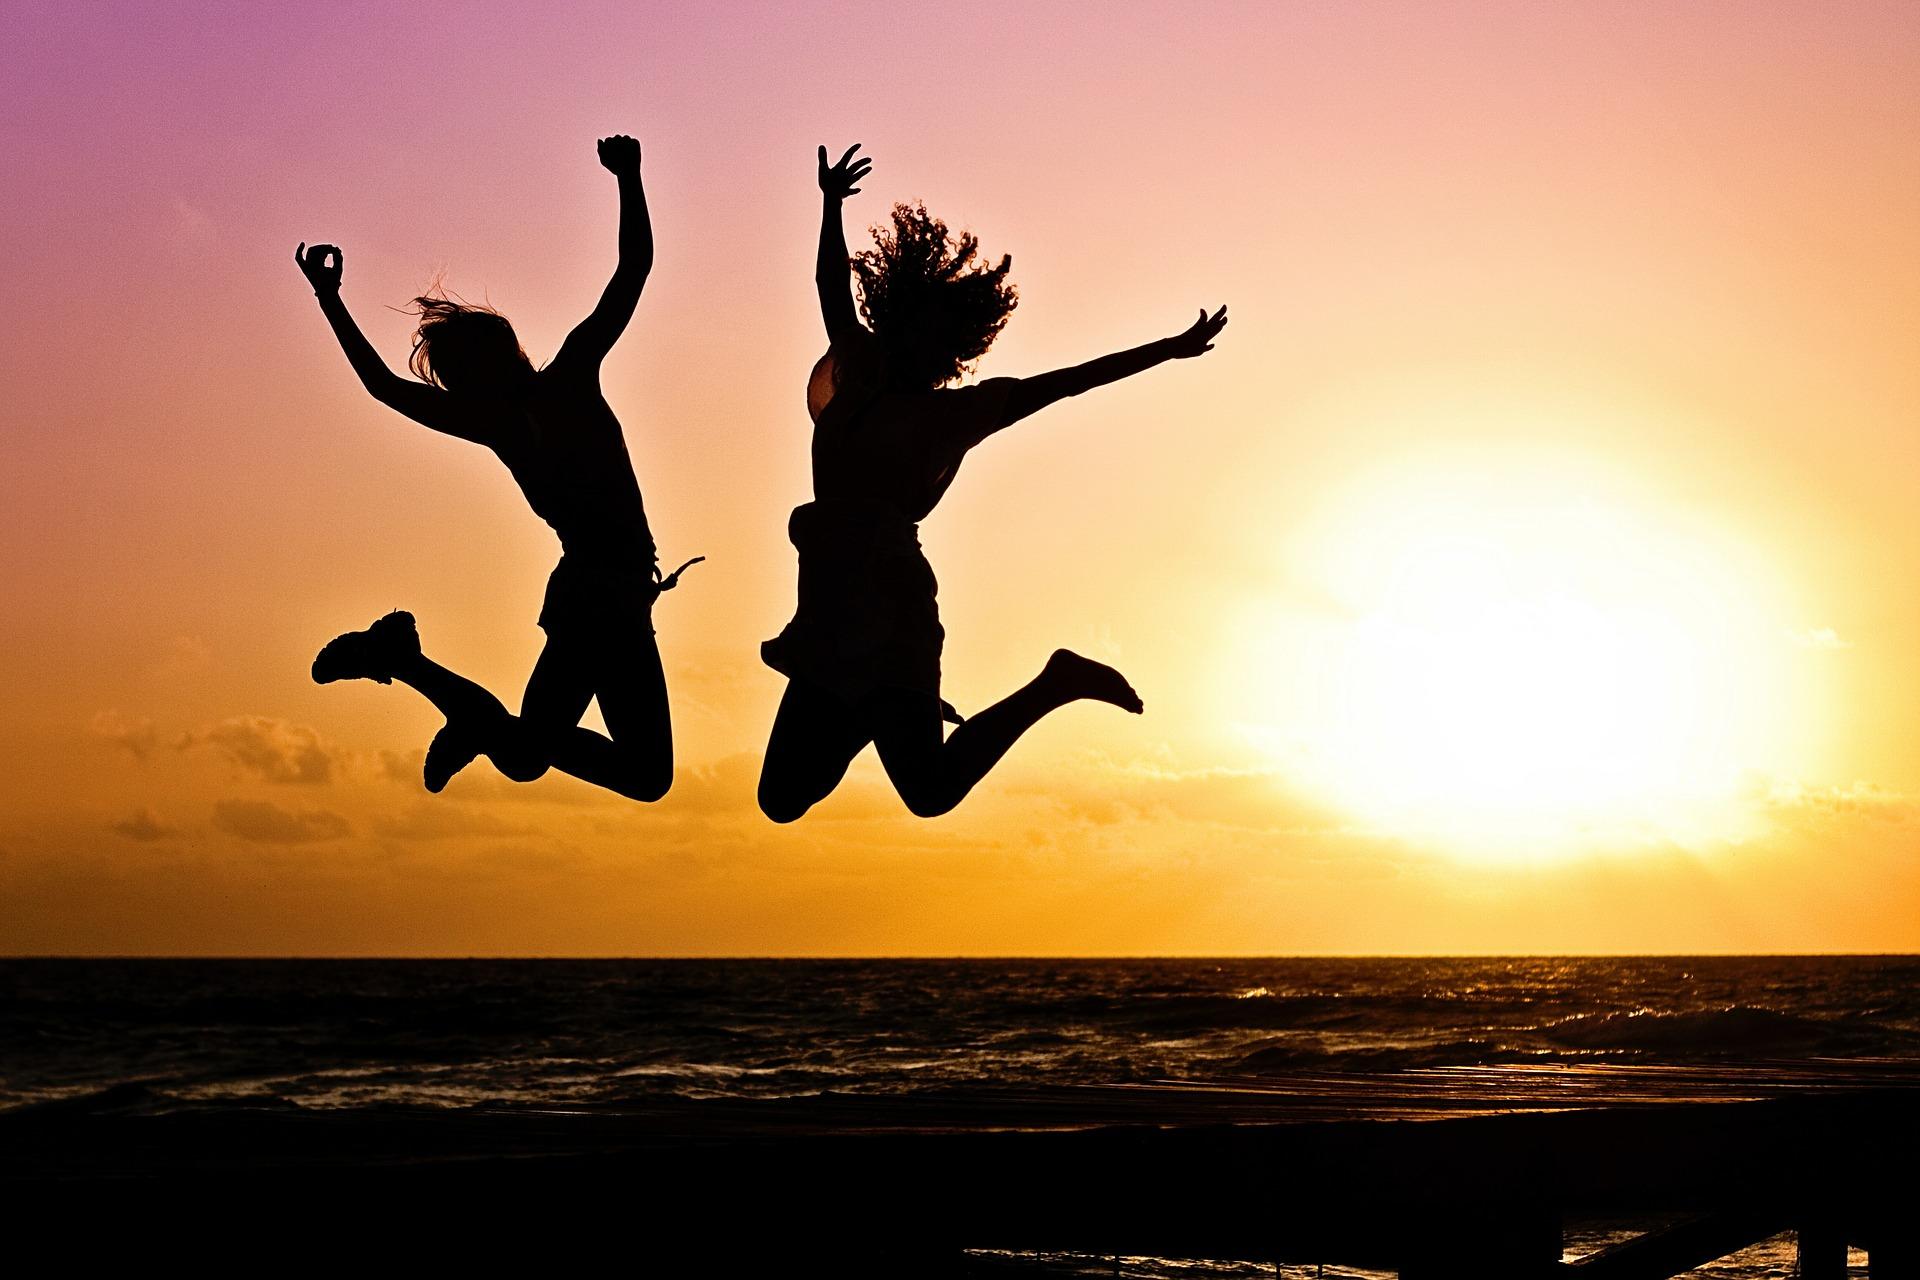 ובחרת בחיים - אימון אישי, ייעוץ זוגי, הדרכה משפחתית והרצאות